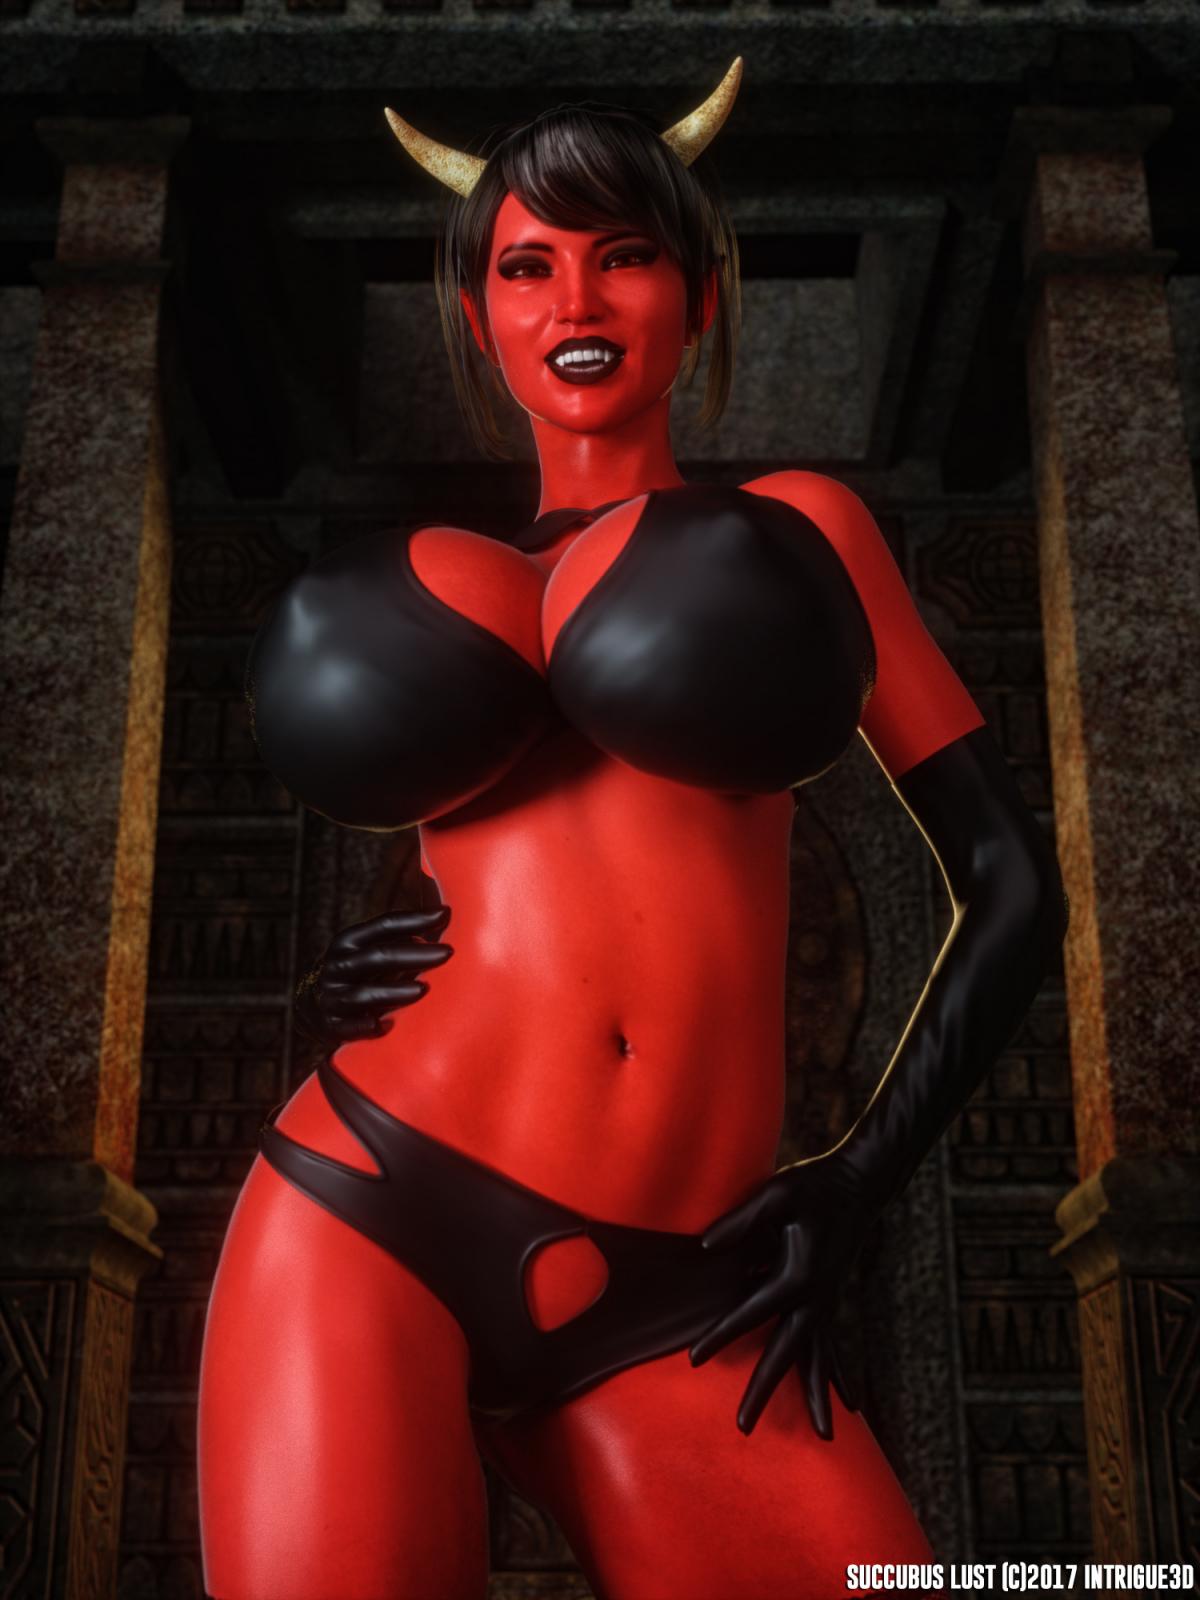 Hình ảnh 39772915505_66af22f46c_o trong bài viết Succubus Lust